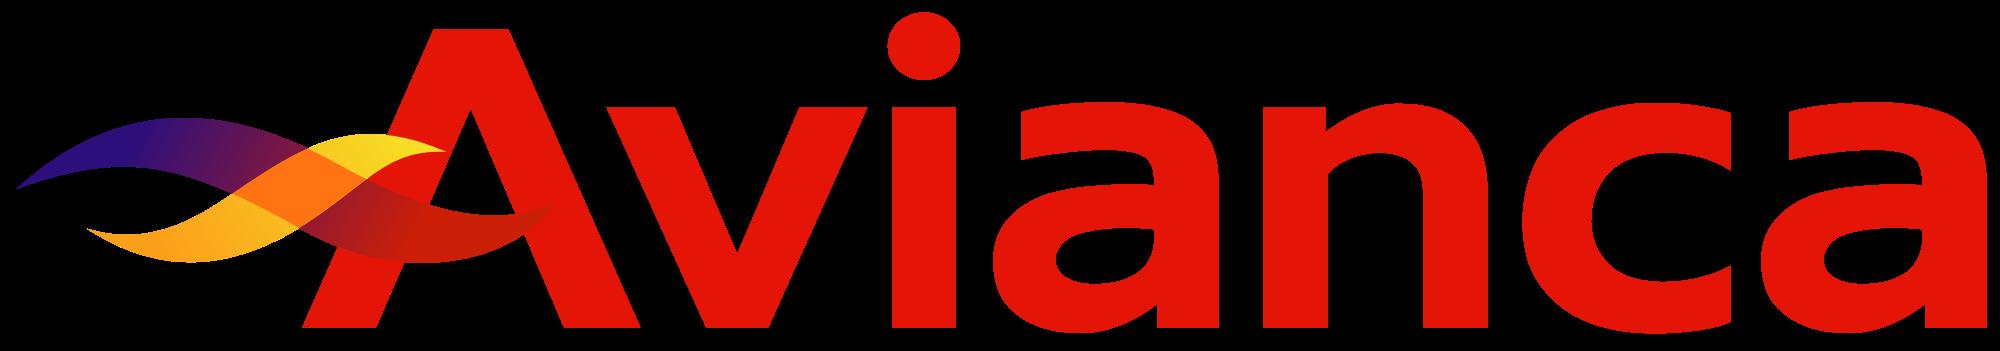 Open PlusPng.com  - Avianca Logo PNG